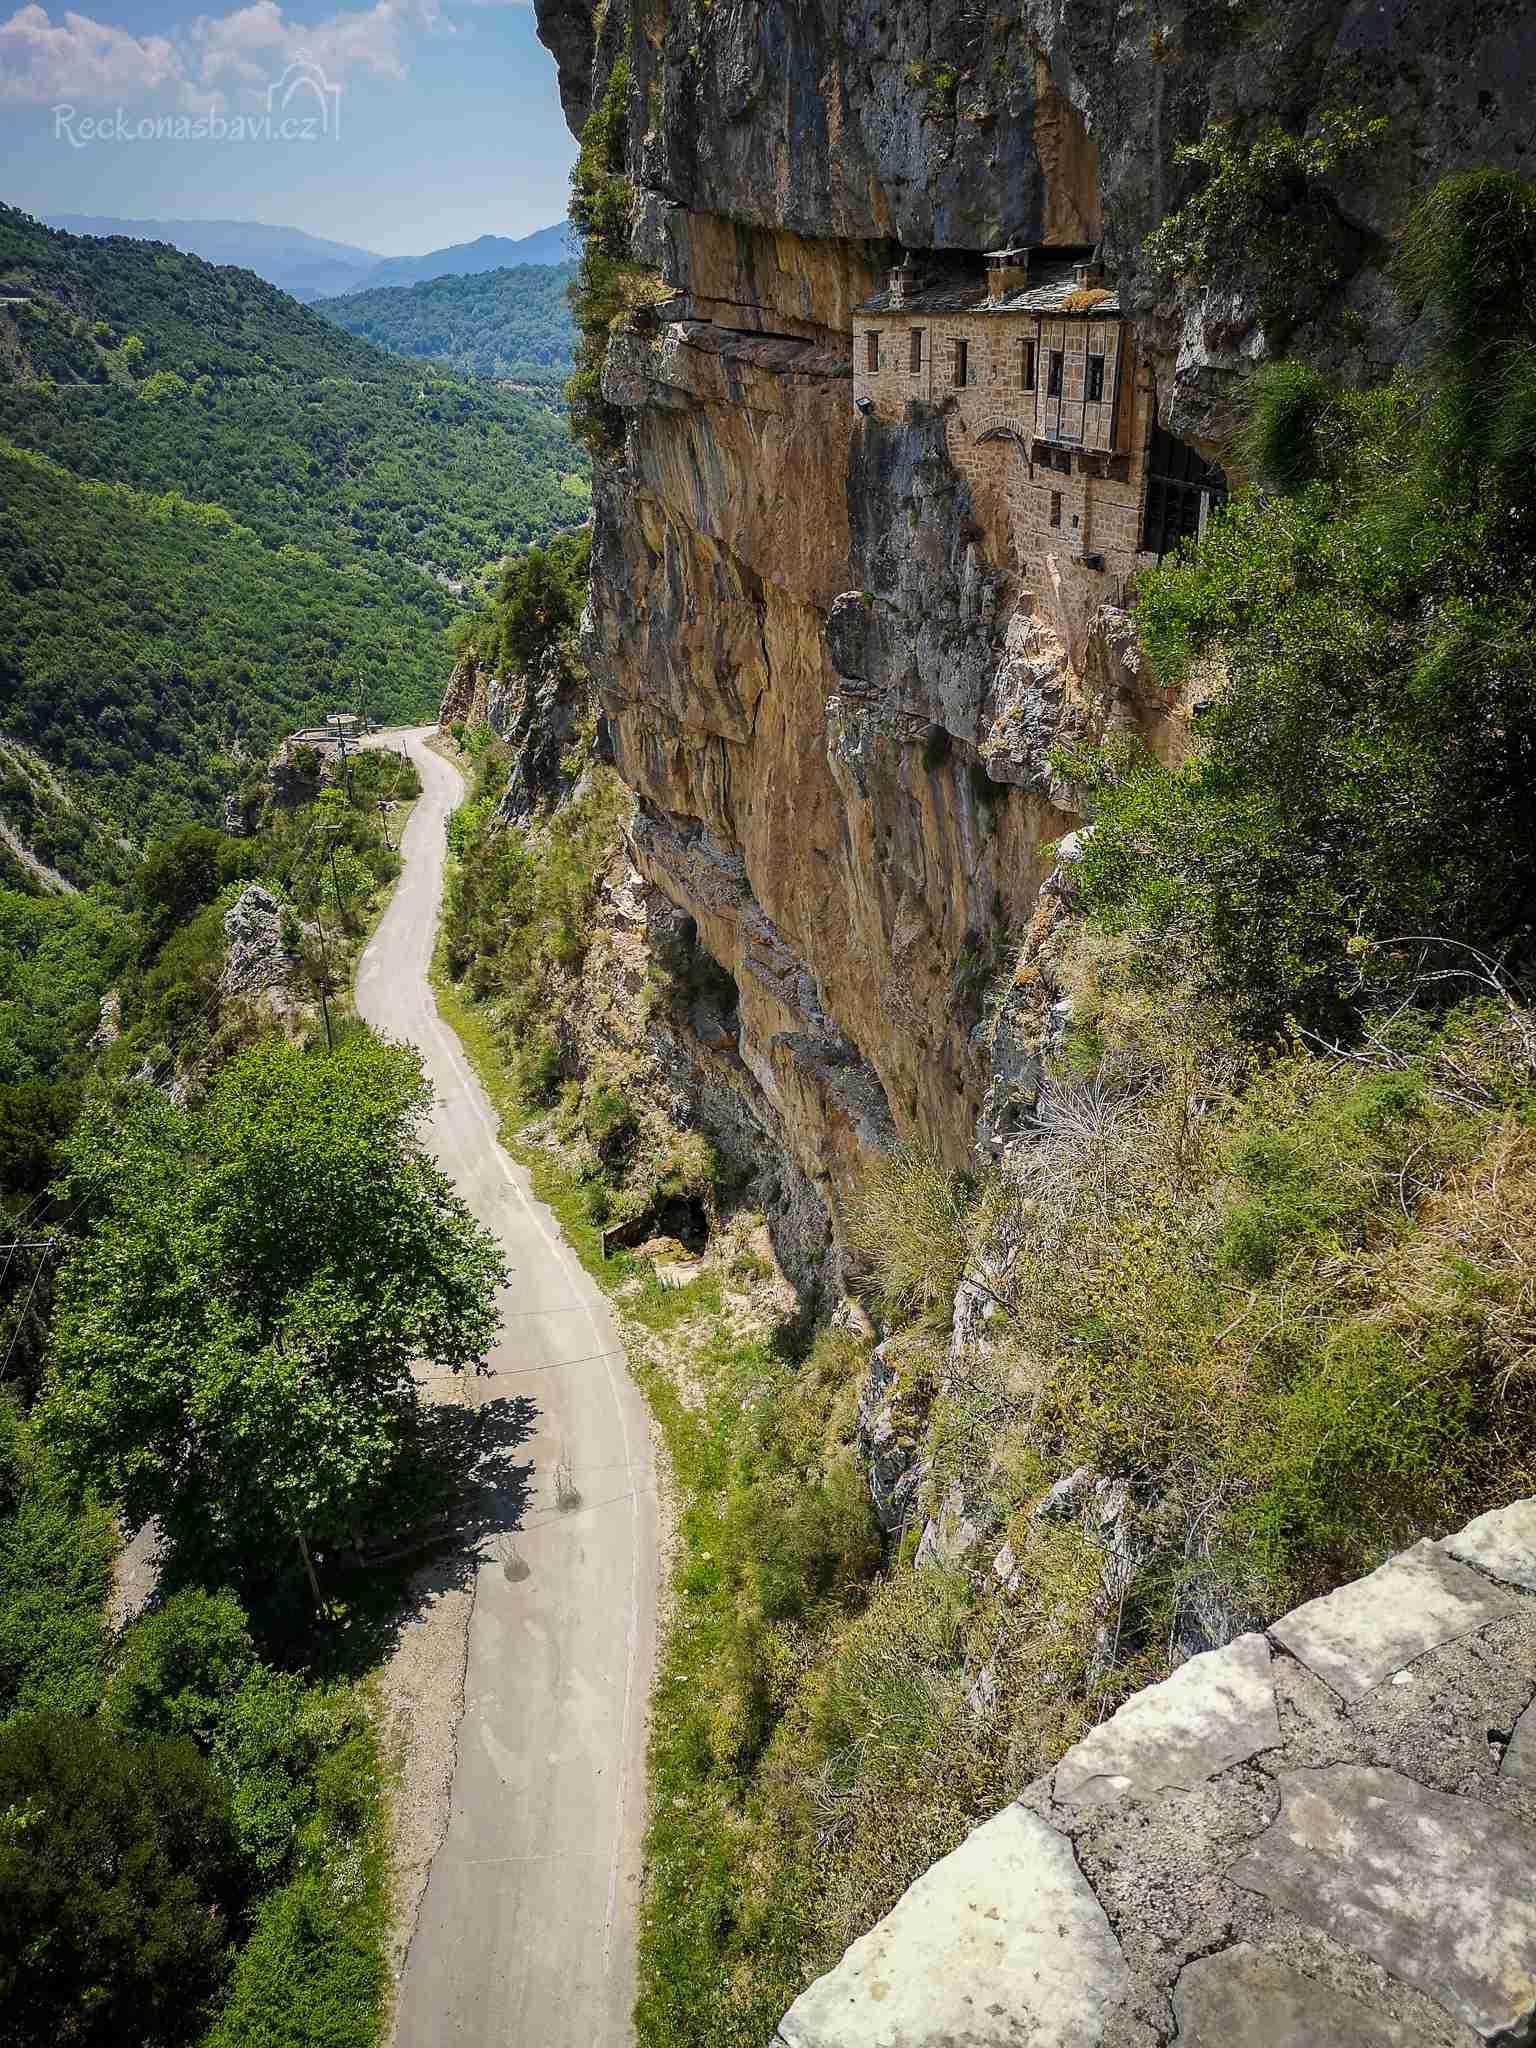 Kipina_monastery-4